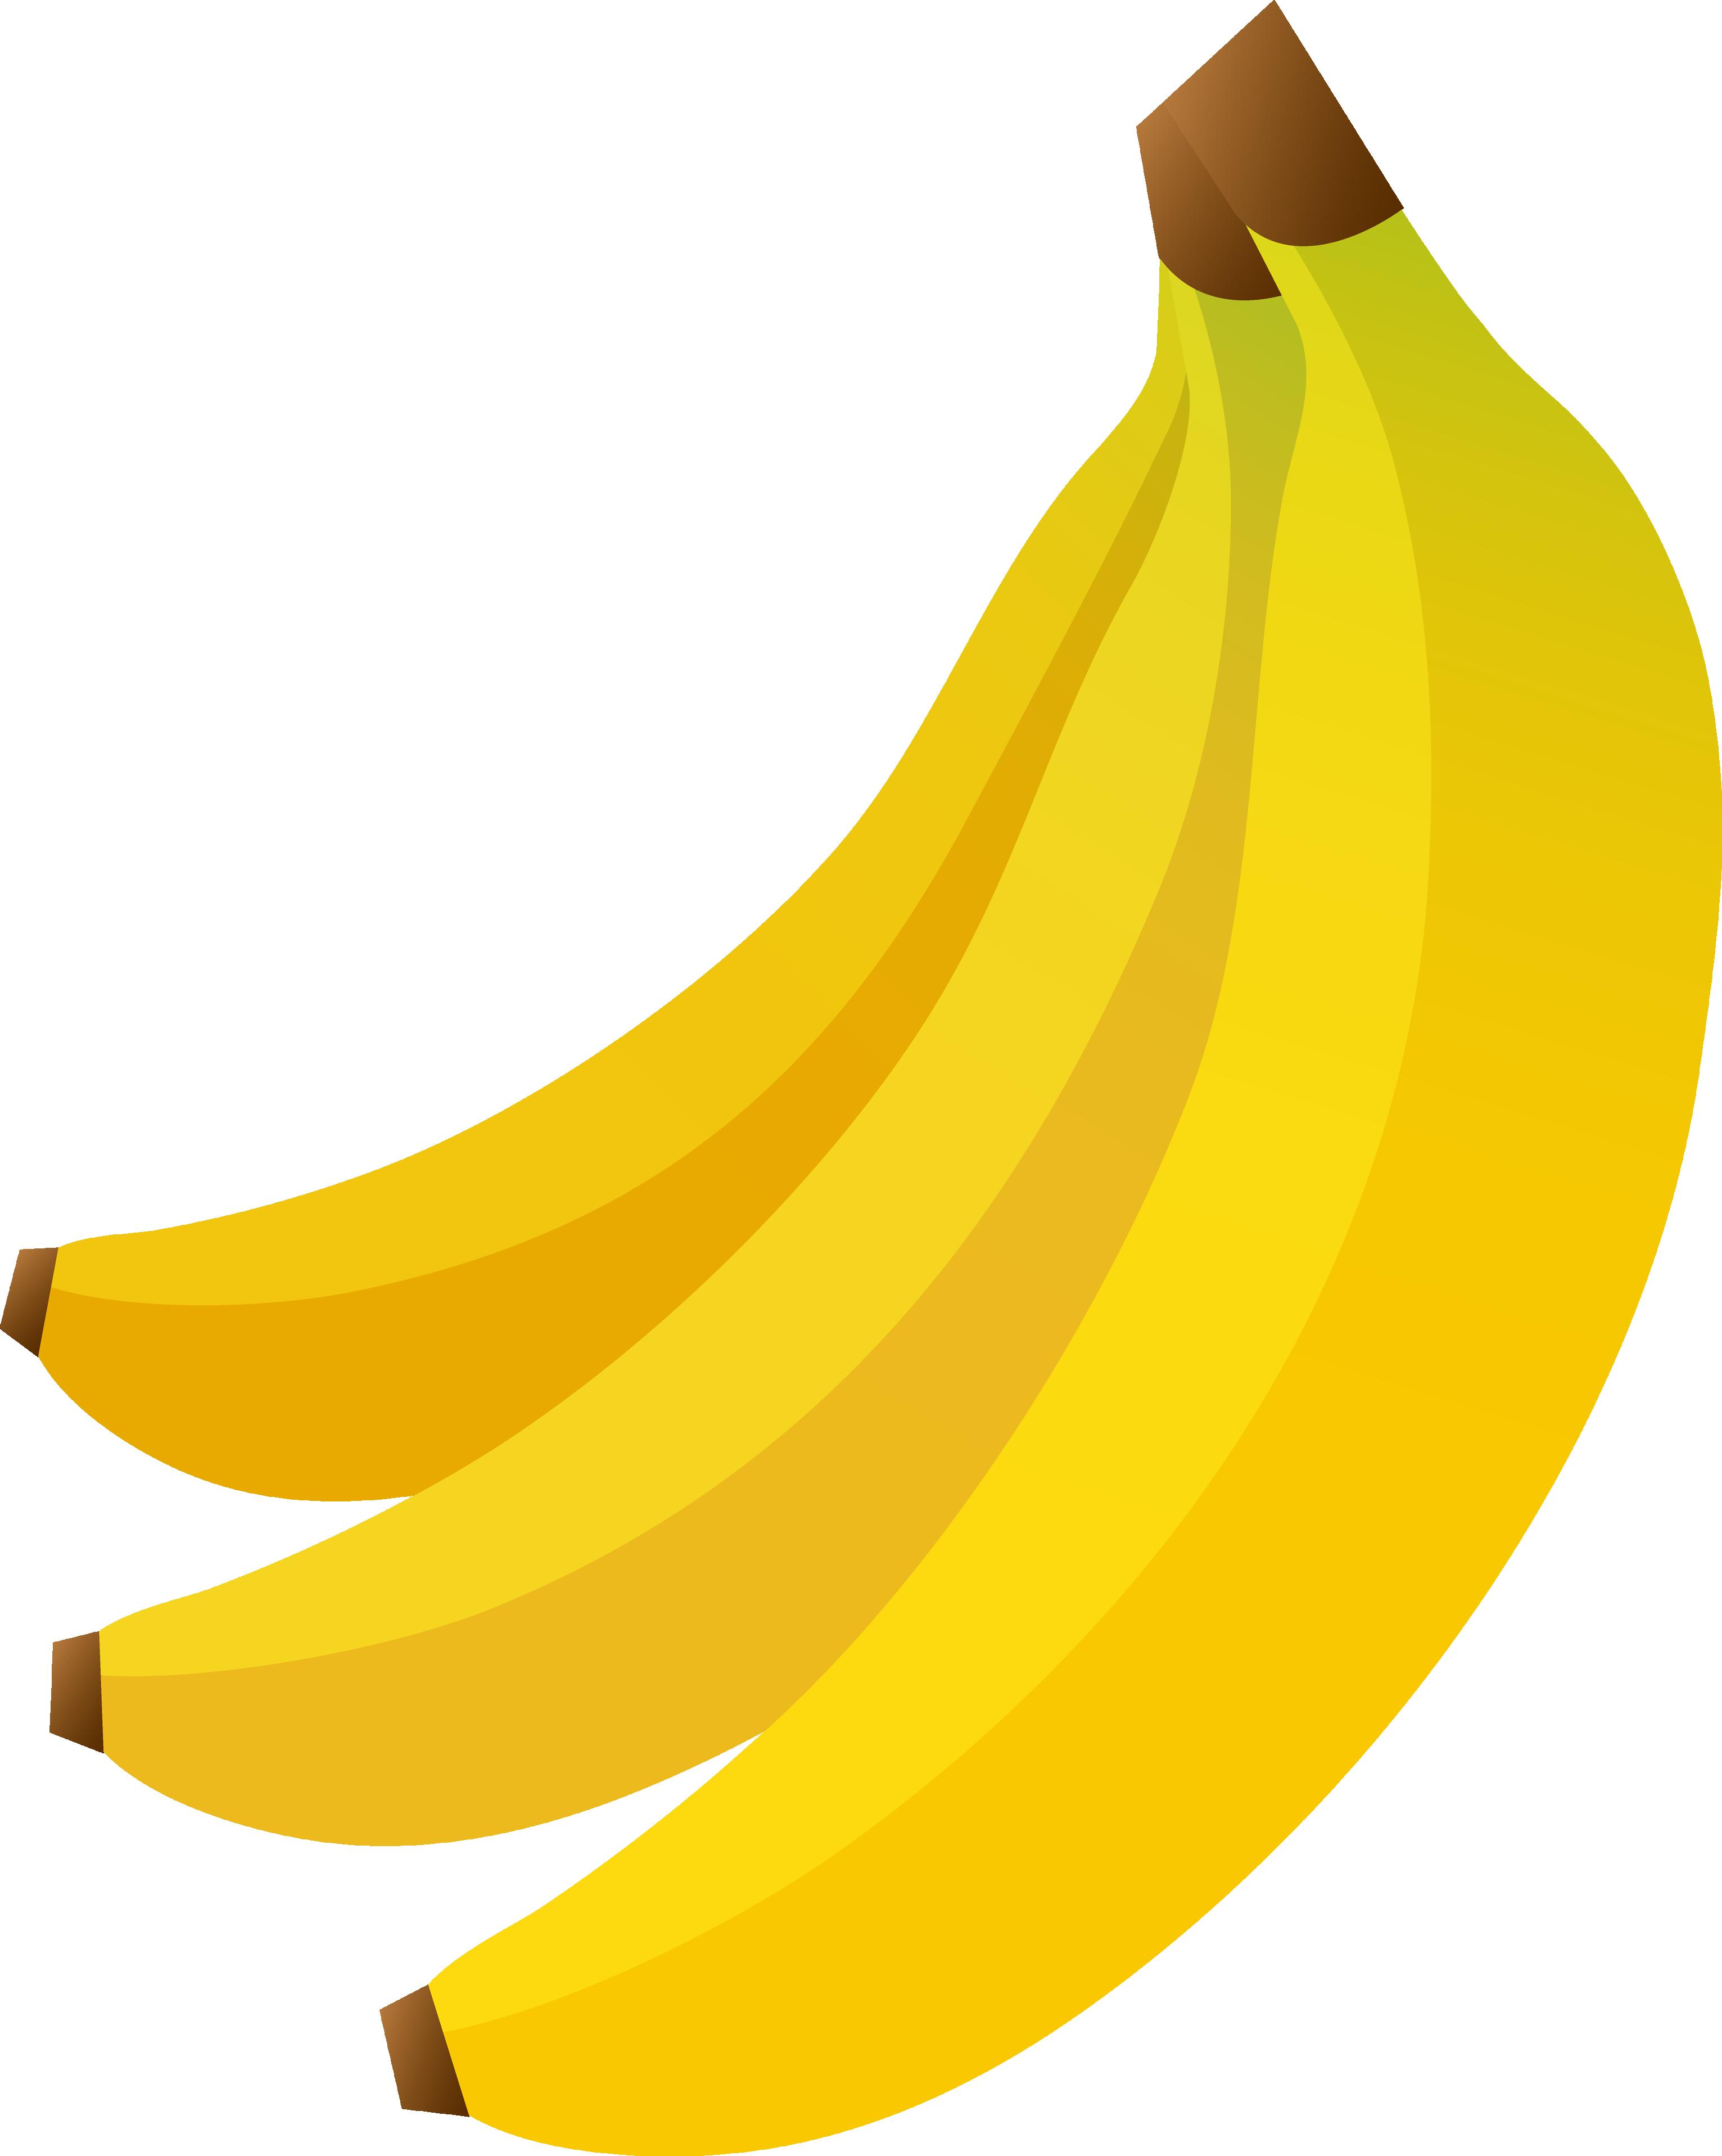 Banana Clipart Png Image Fruit Clipart Banana Picture Banana